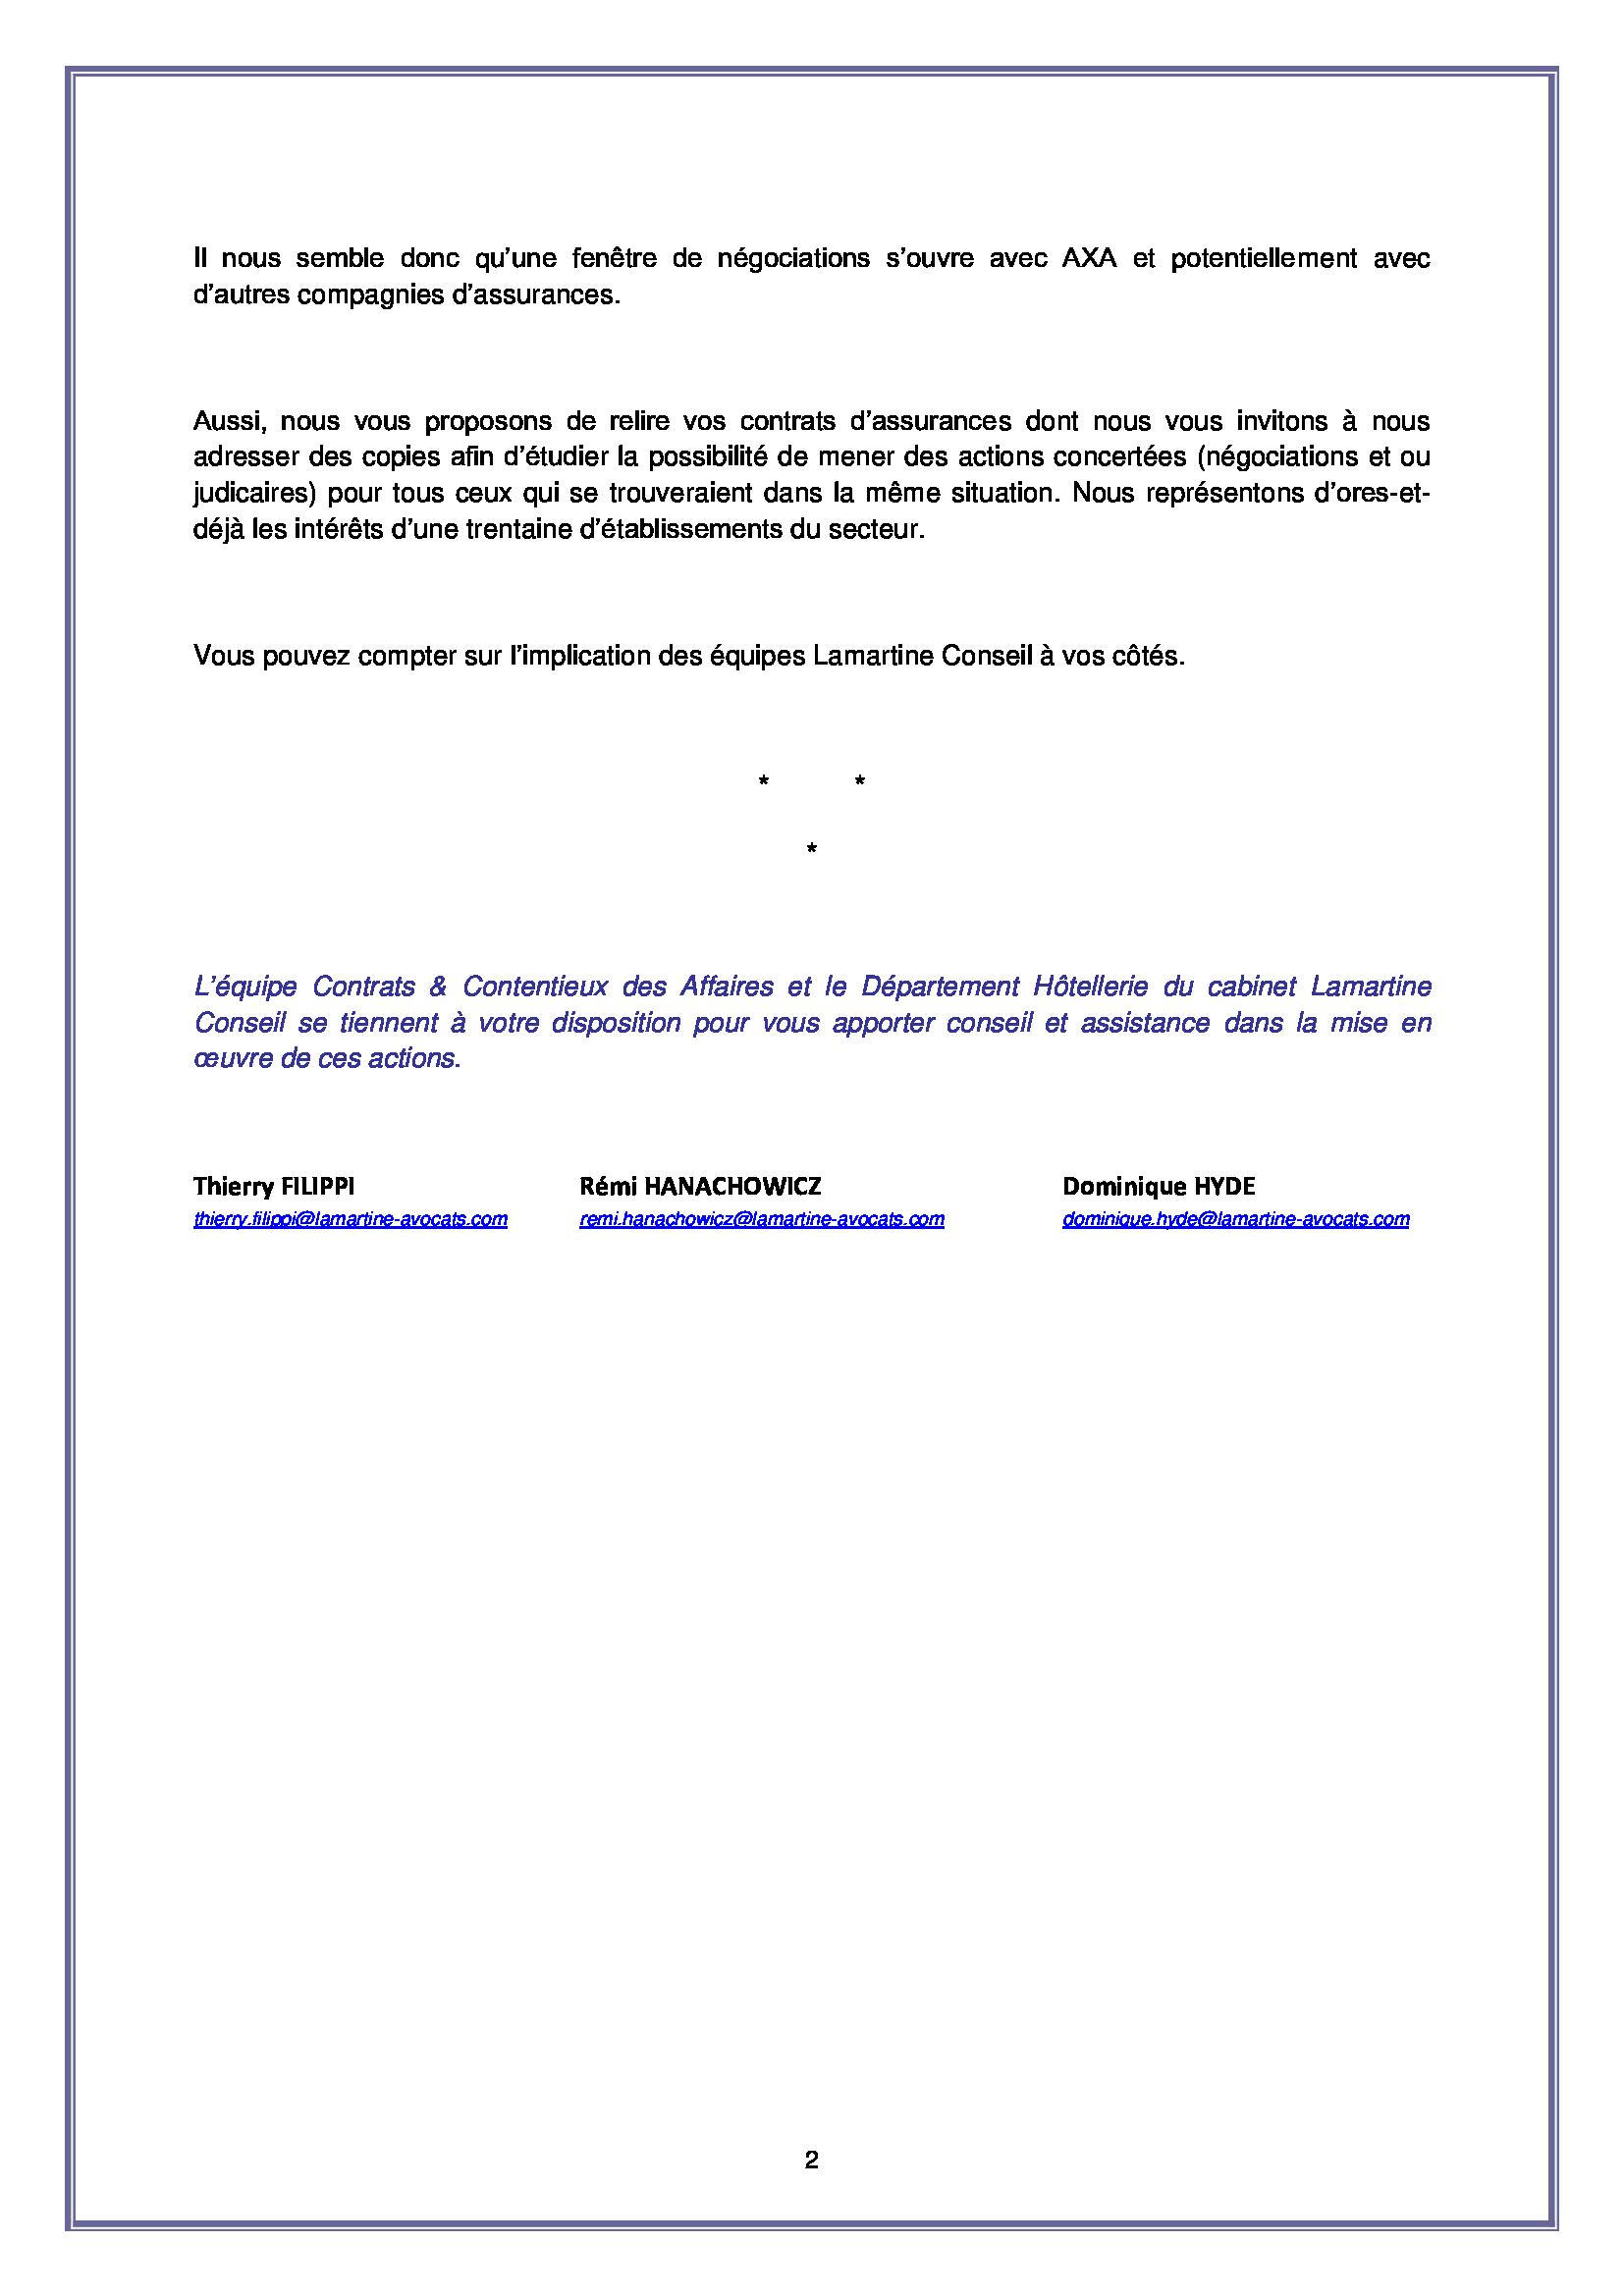 677c155436f045e697fb48727a387f28r9v3zmpnp2z4qjtg-1.png